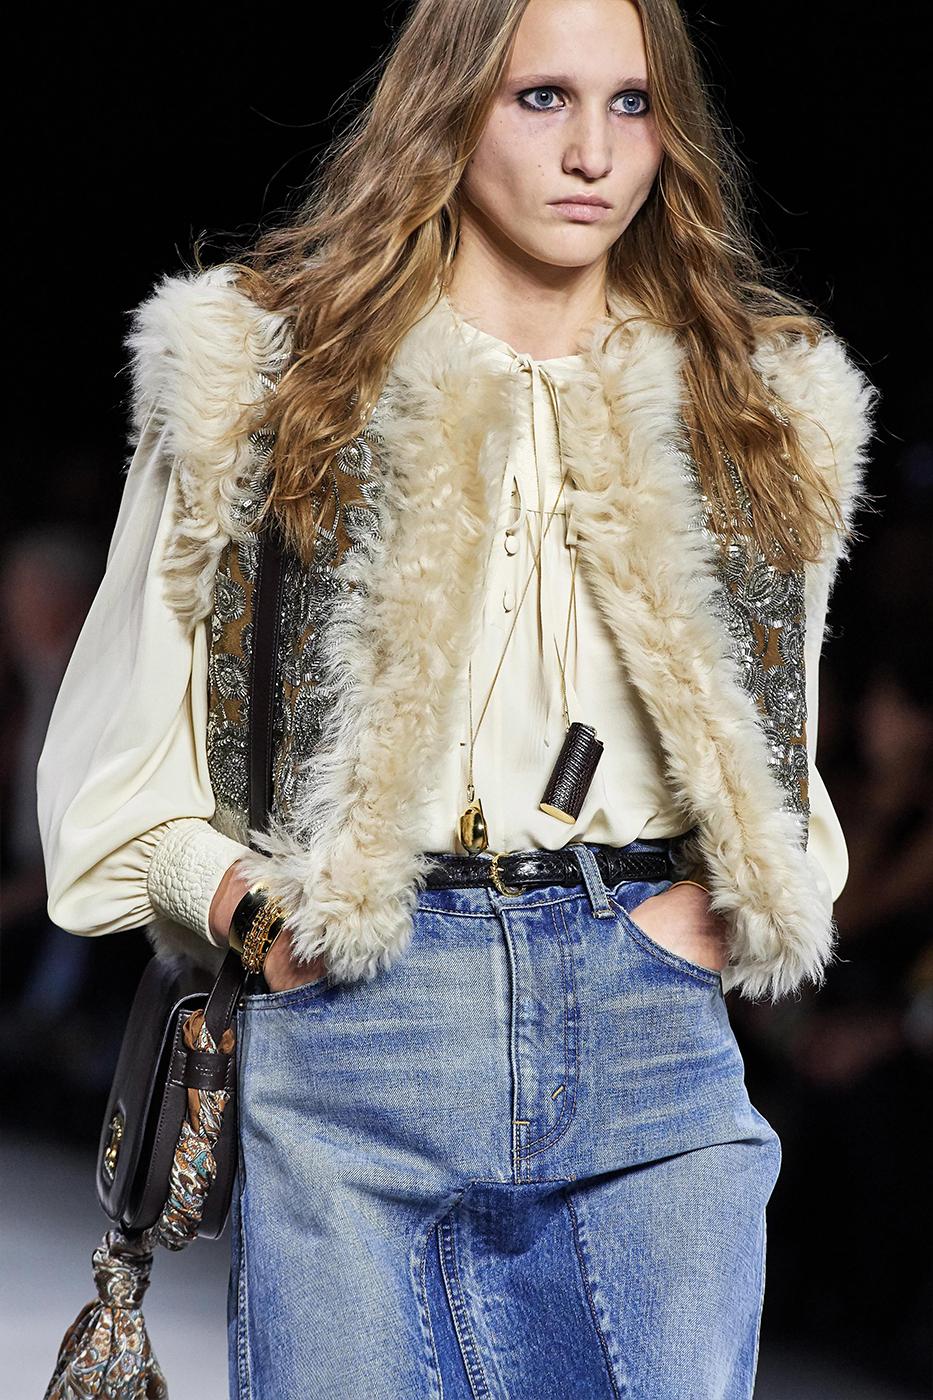 Celine SpringSummer 2020 Ready-to-Wear